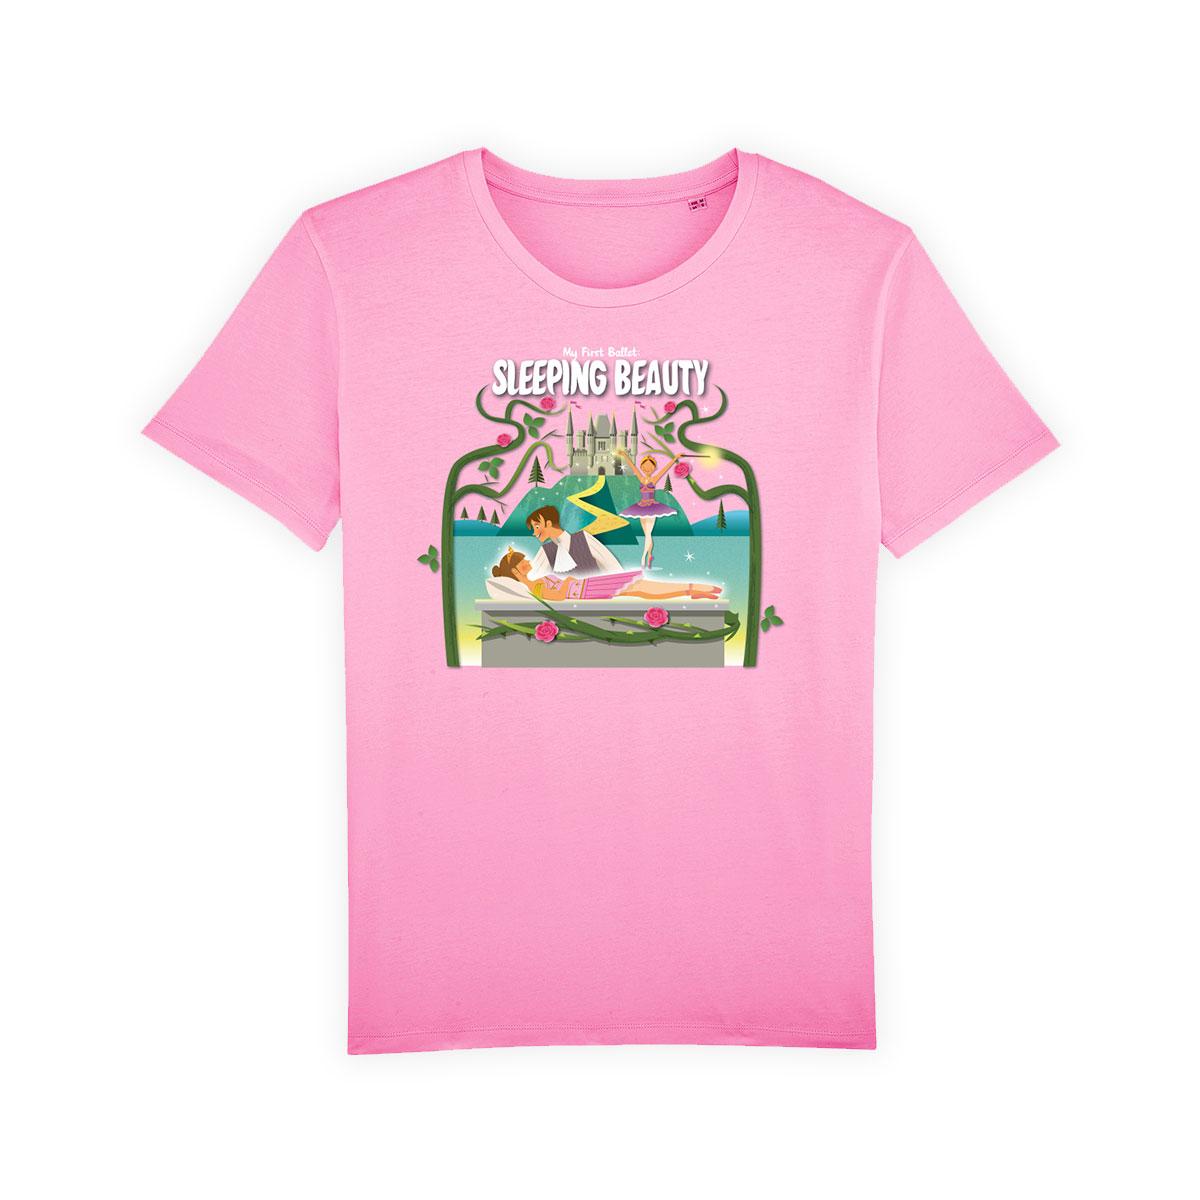 t-shirt-pink-text